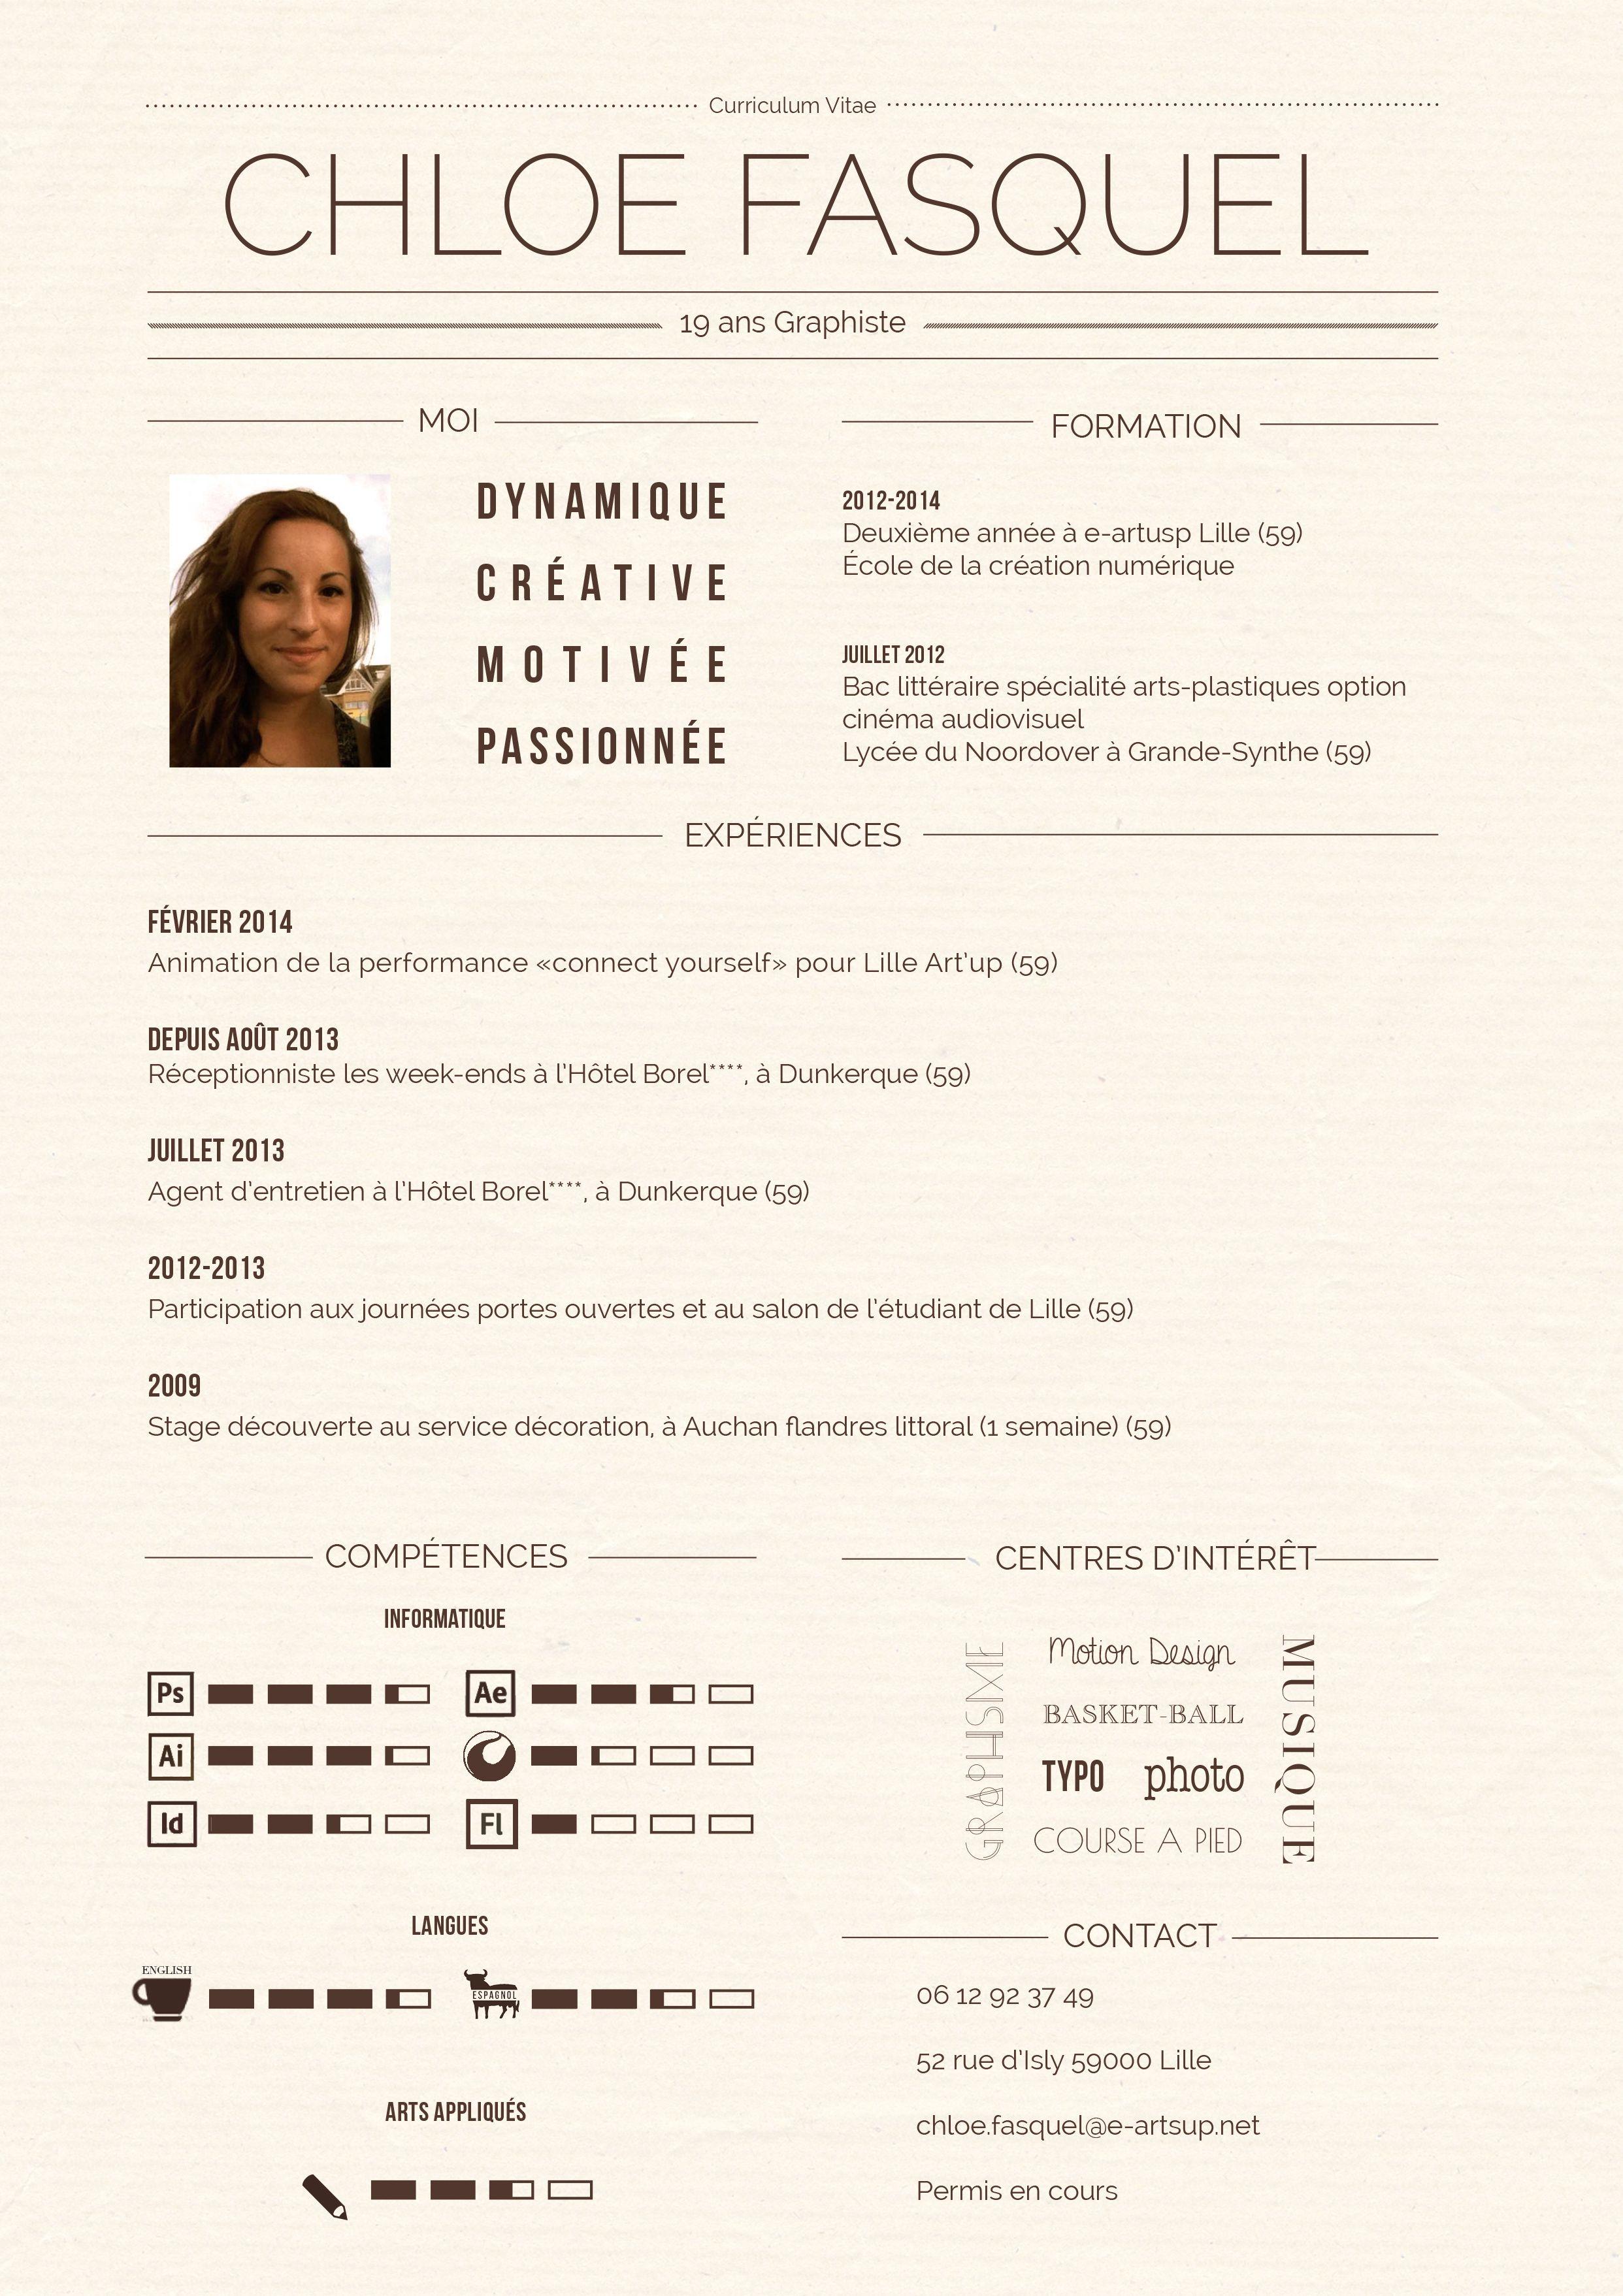 CV Chloé Fasquel Curriculum vitae, Réceptionniste, Lycée